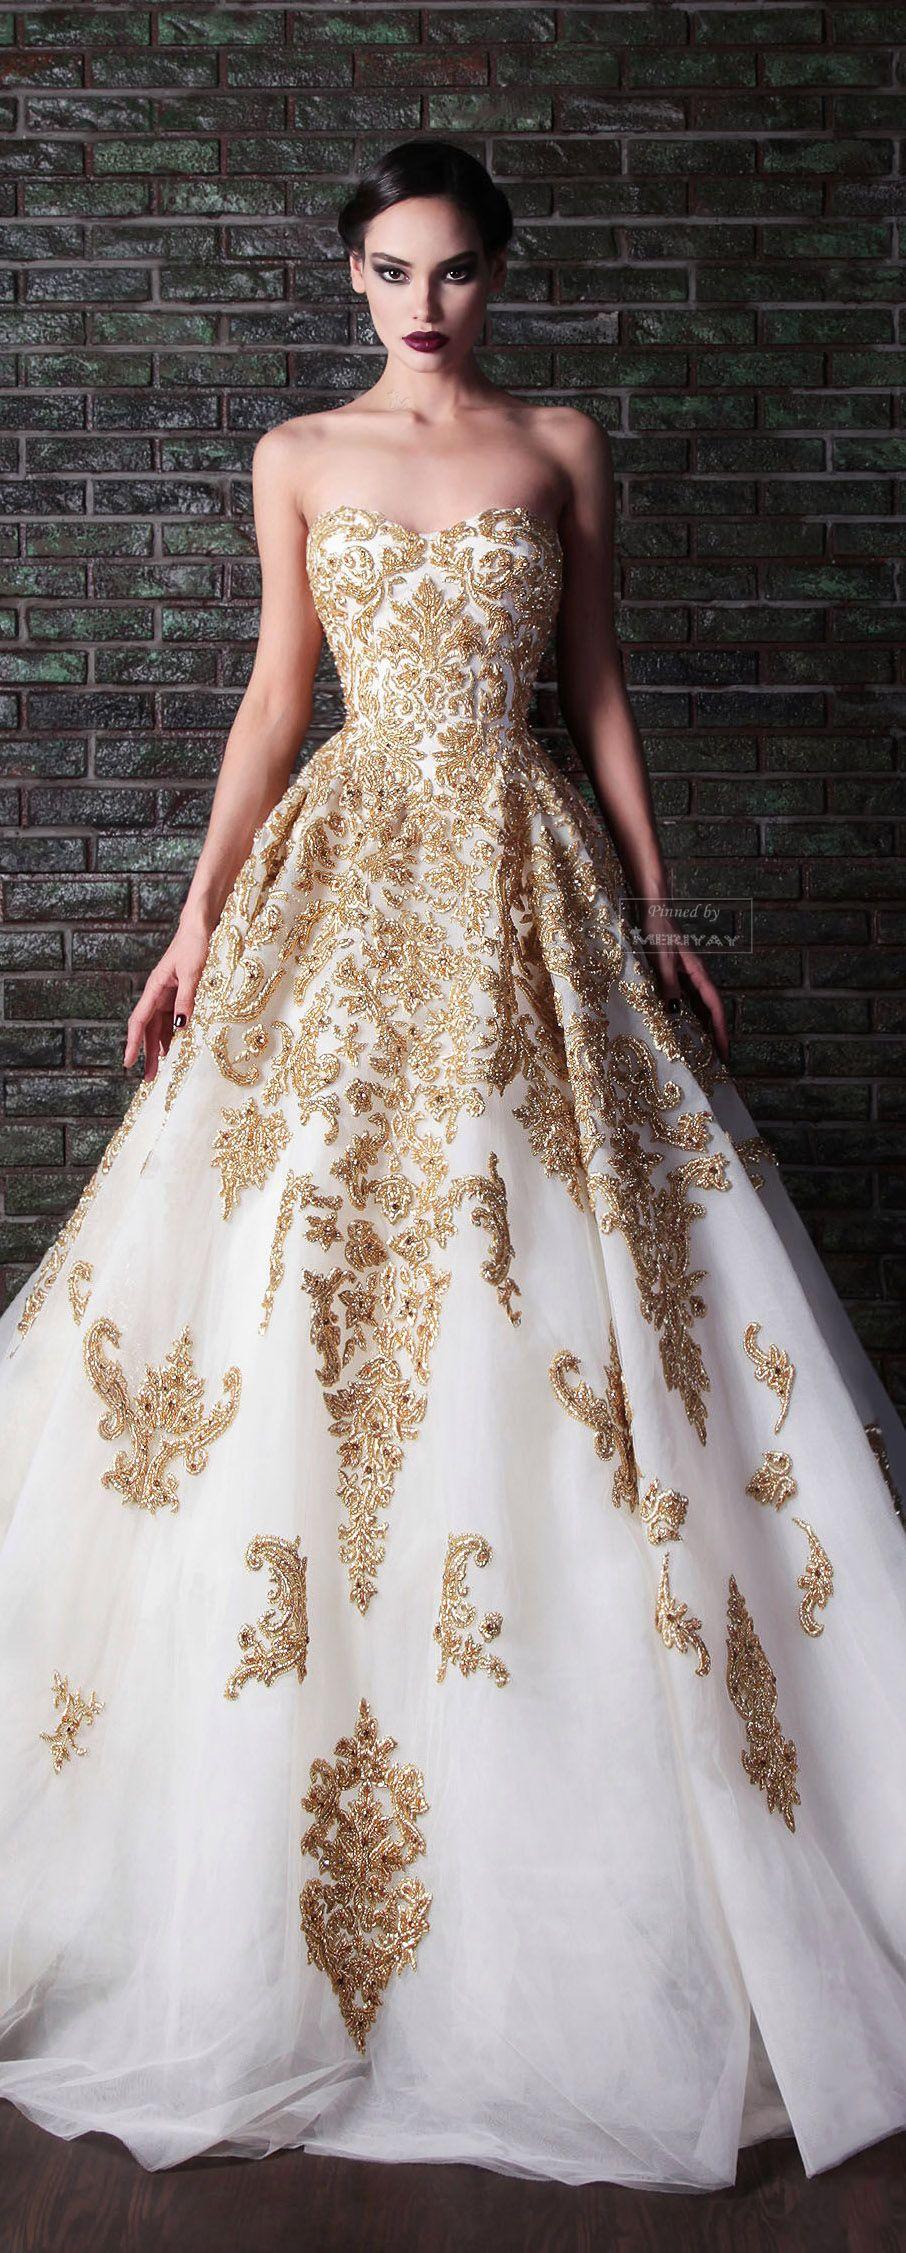 Rami kadi fw fashion pinterest gowns wedding